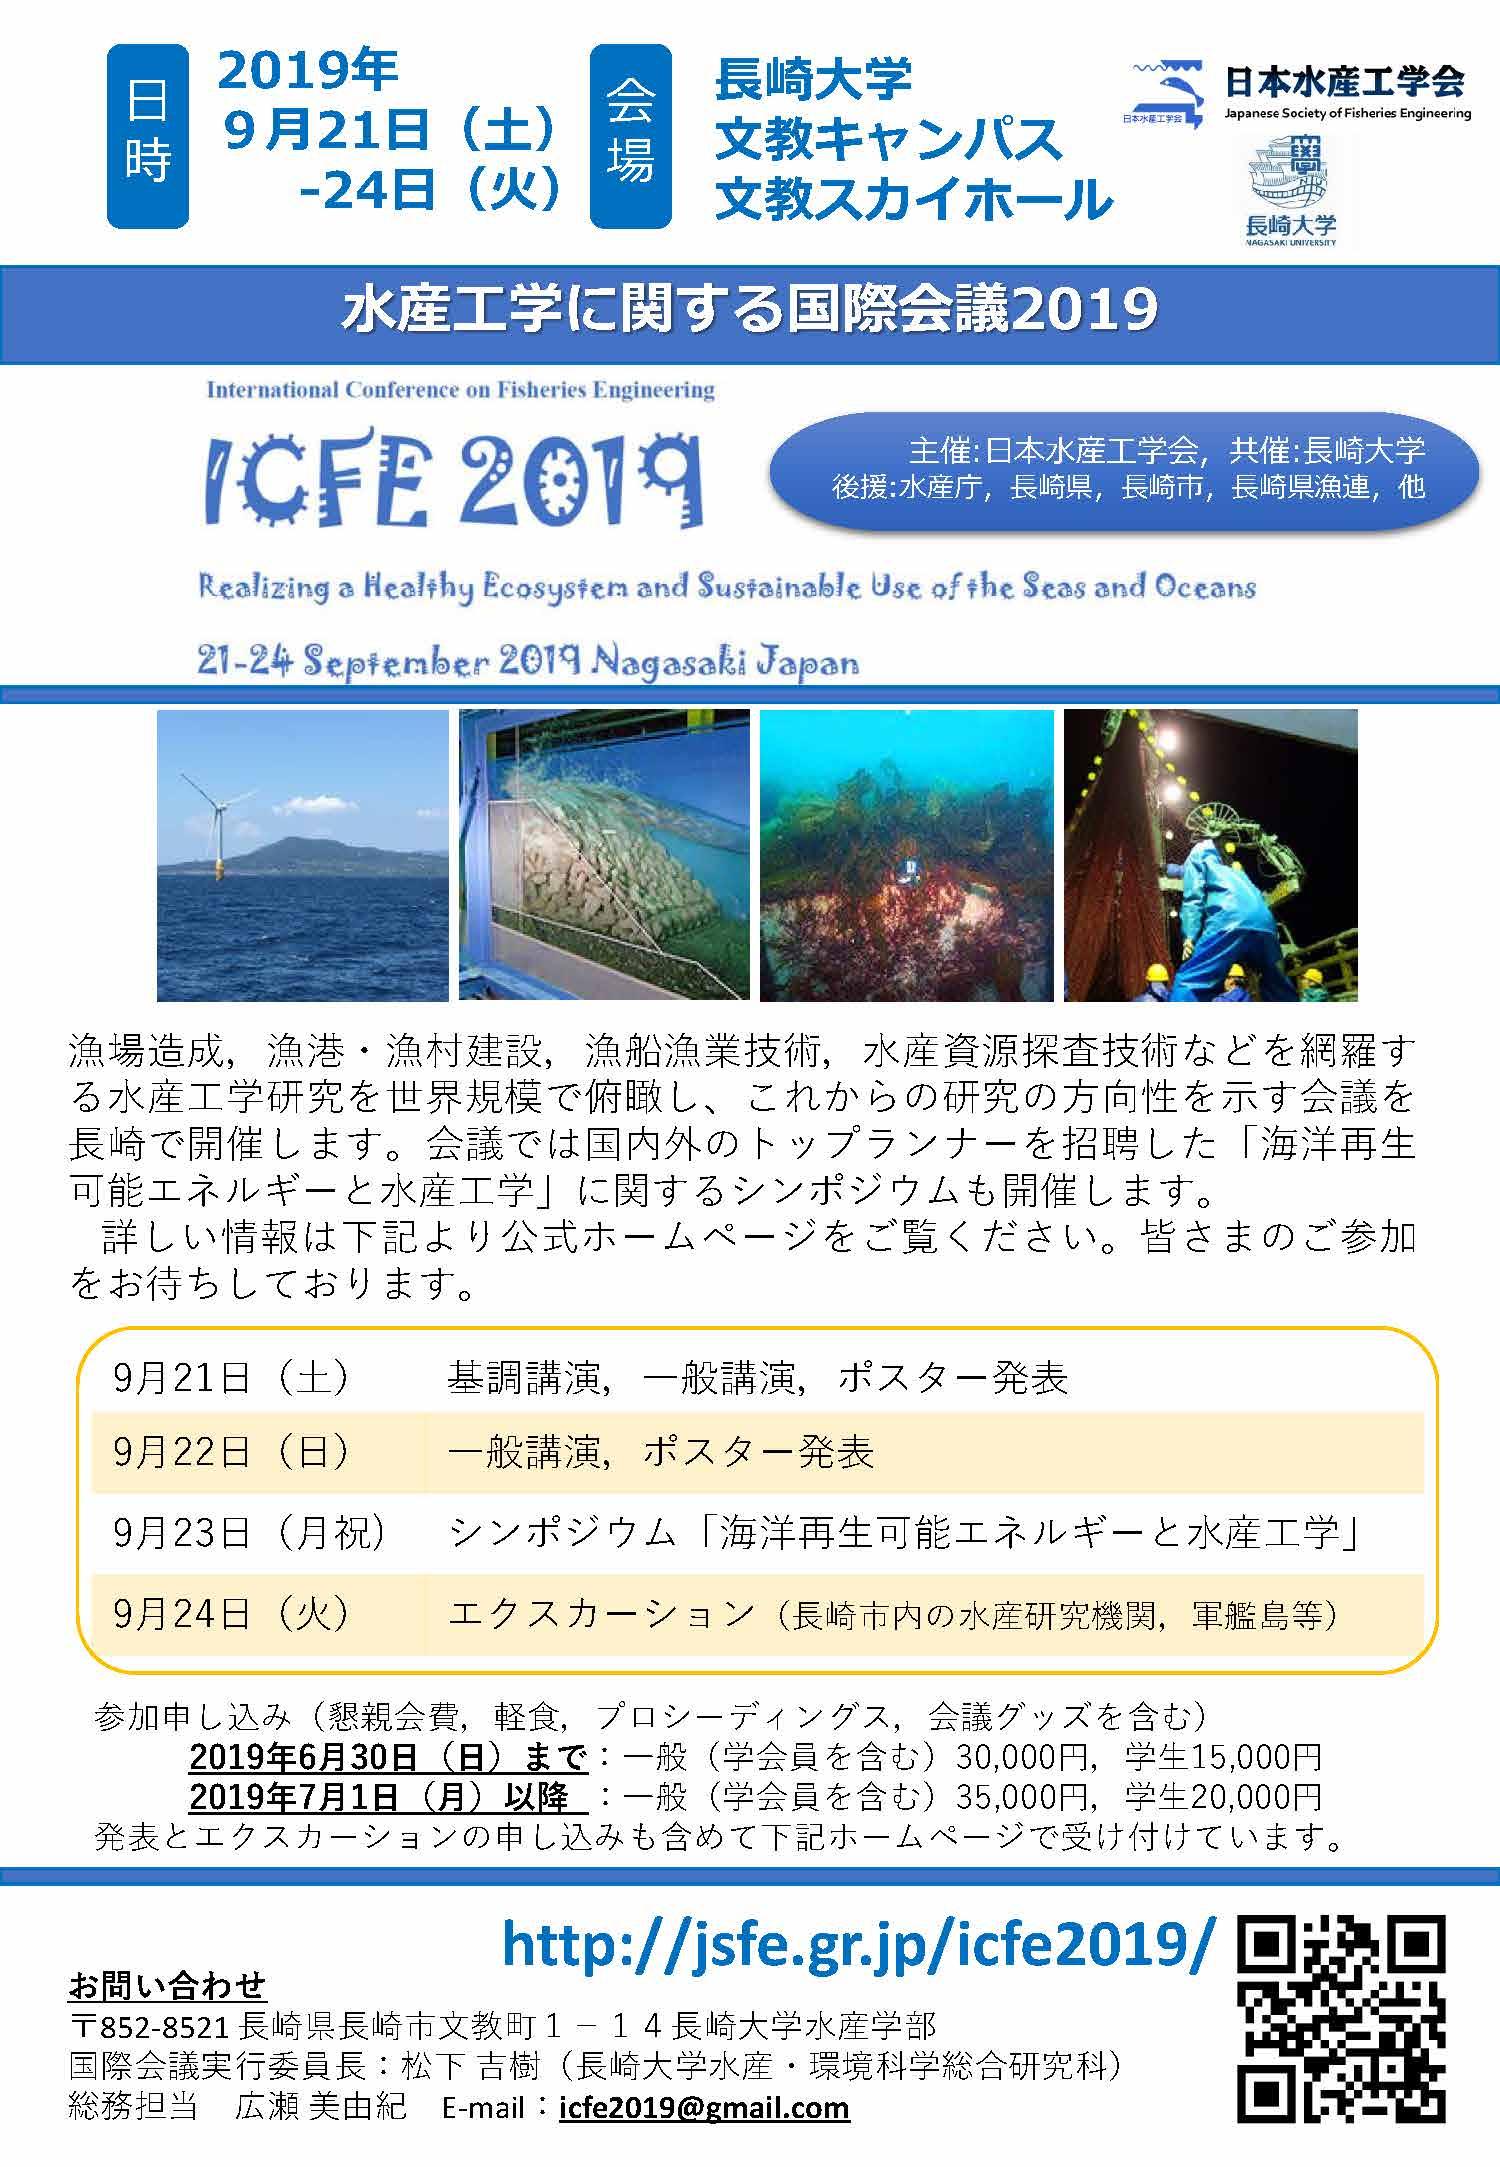 水産工学国際会議2019